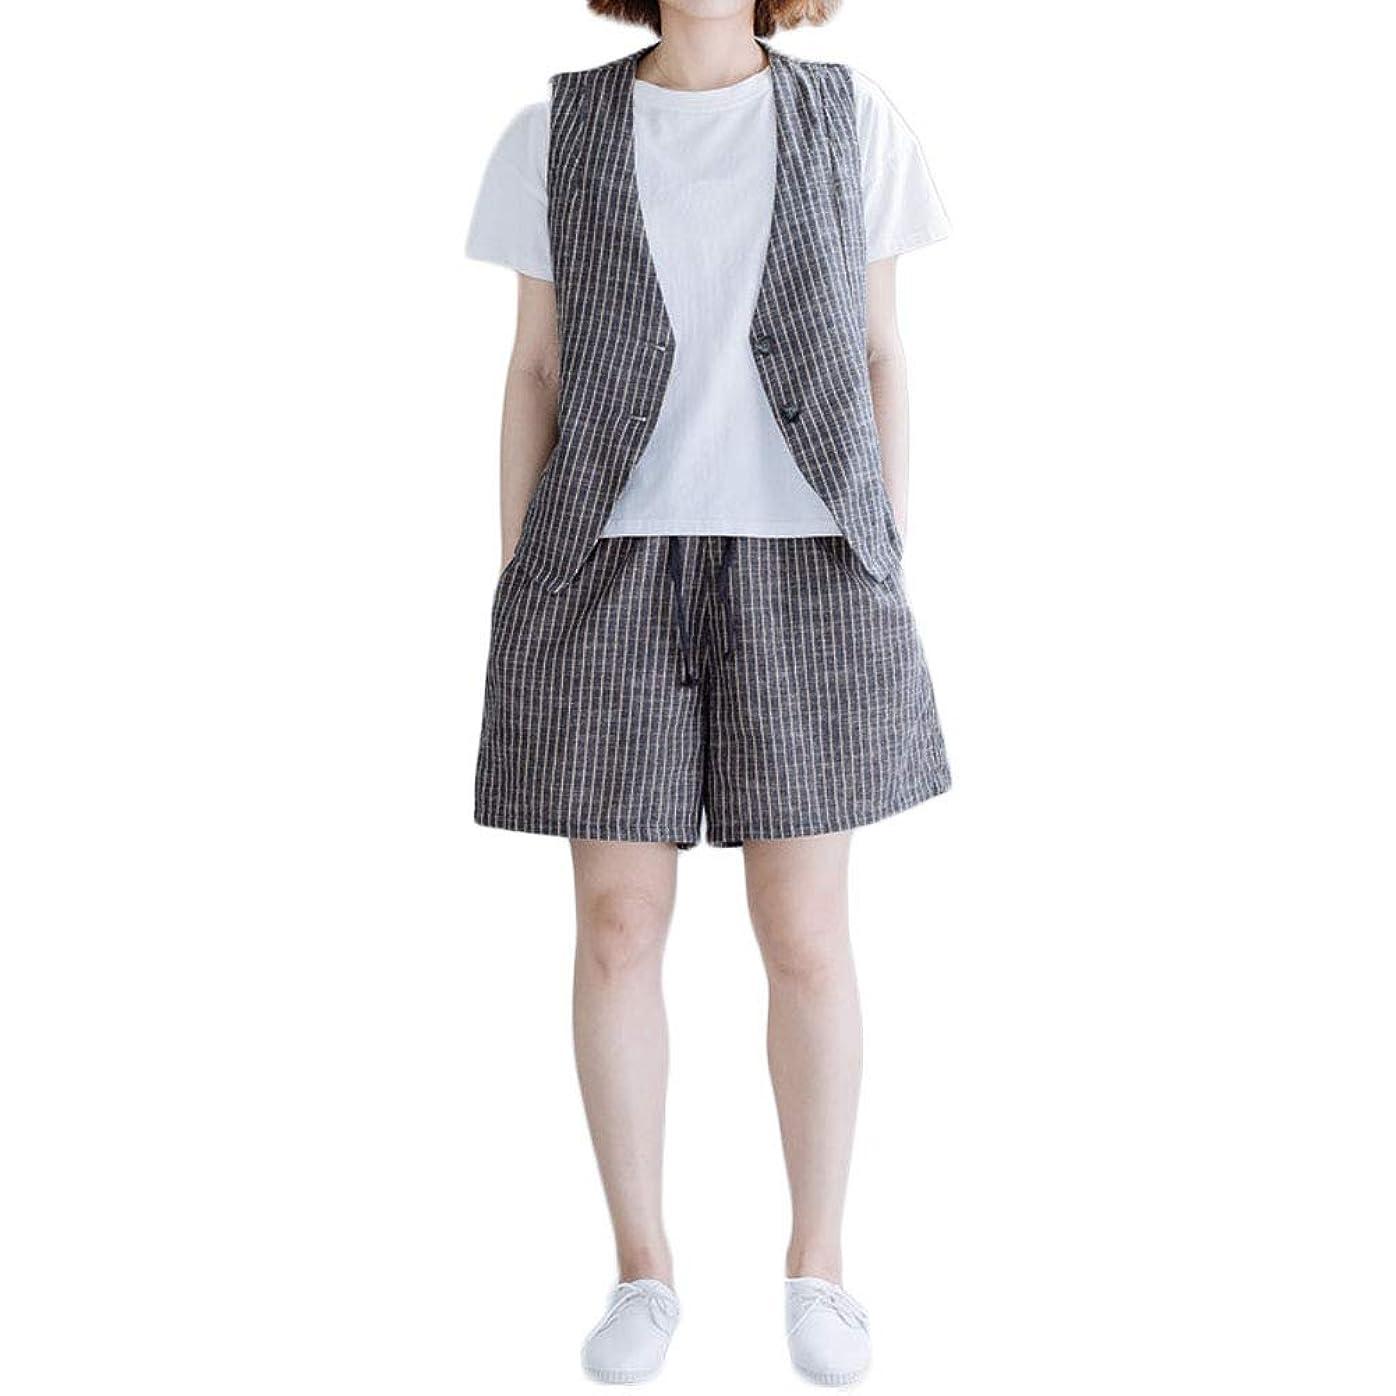 コックマリナー牛肉Tokuonn パンツスーツ セットアップ レディース ベスト ショートパンツ 上下2点セット ストライプ柄 ゆったり 通勤OL おしゃれ 大きいサイズ